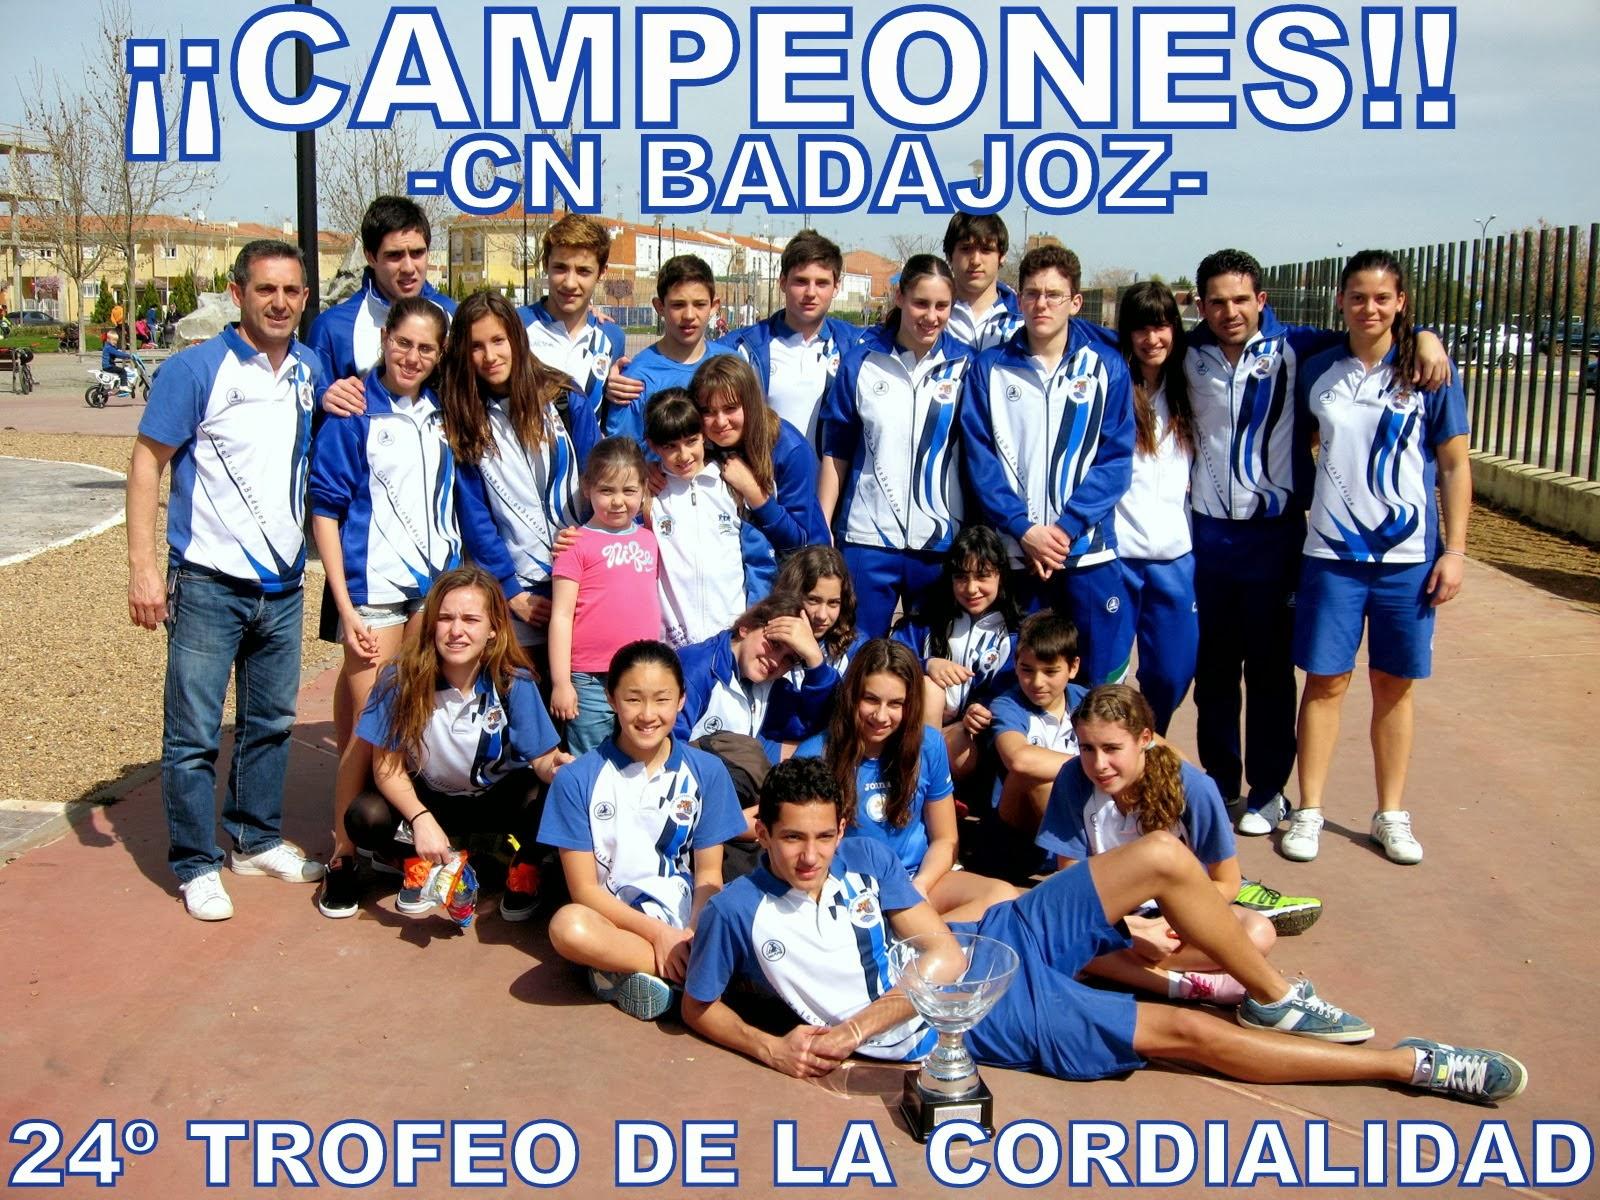 XXIV Trofeo de La Cordialidad.